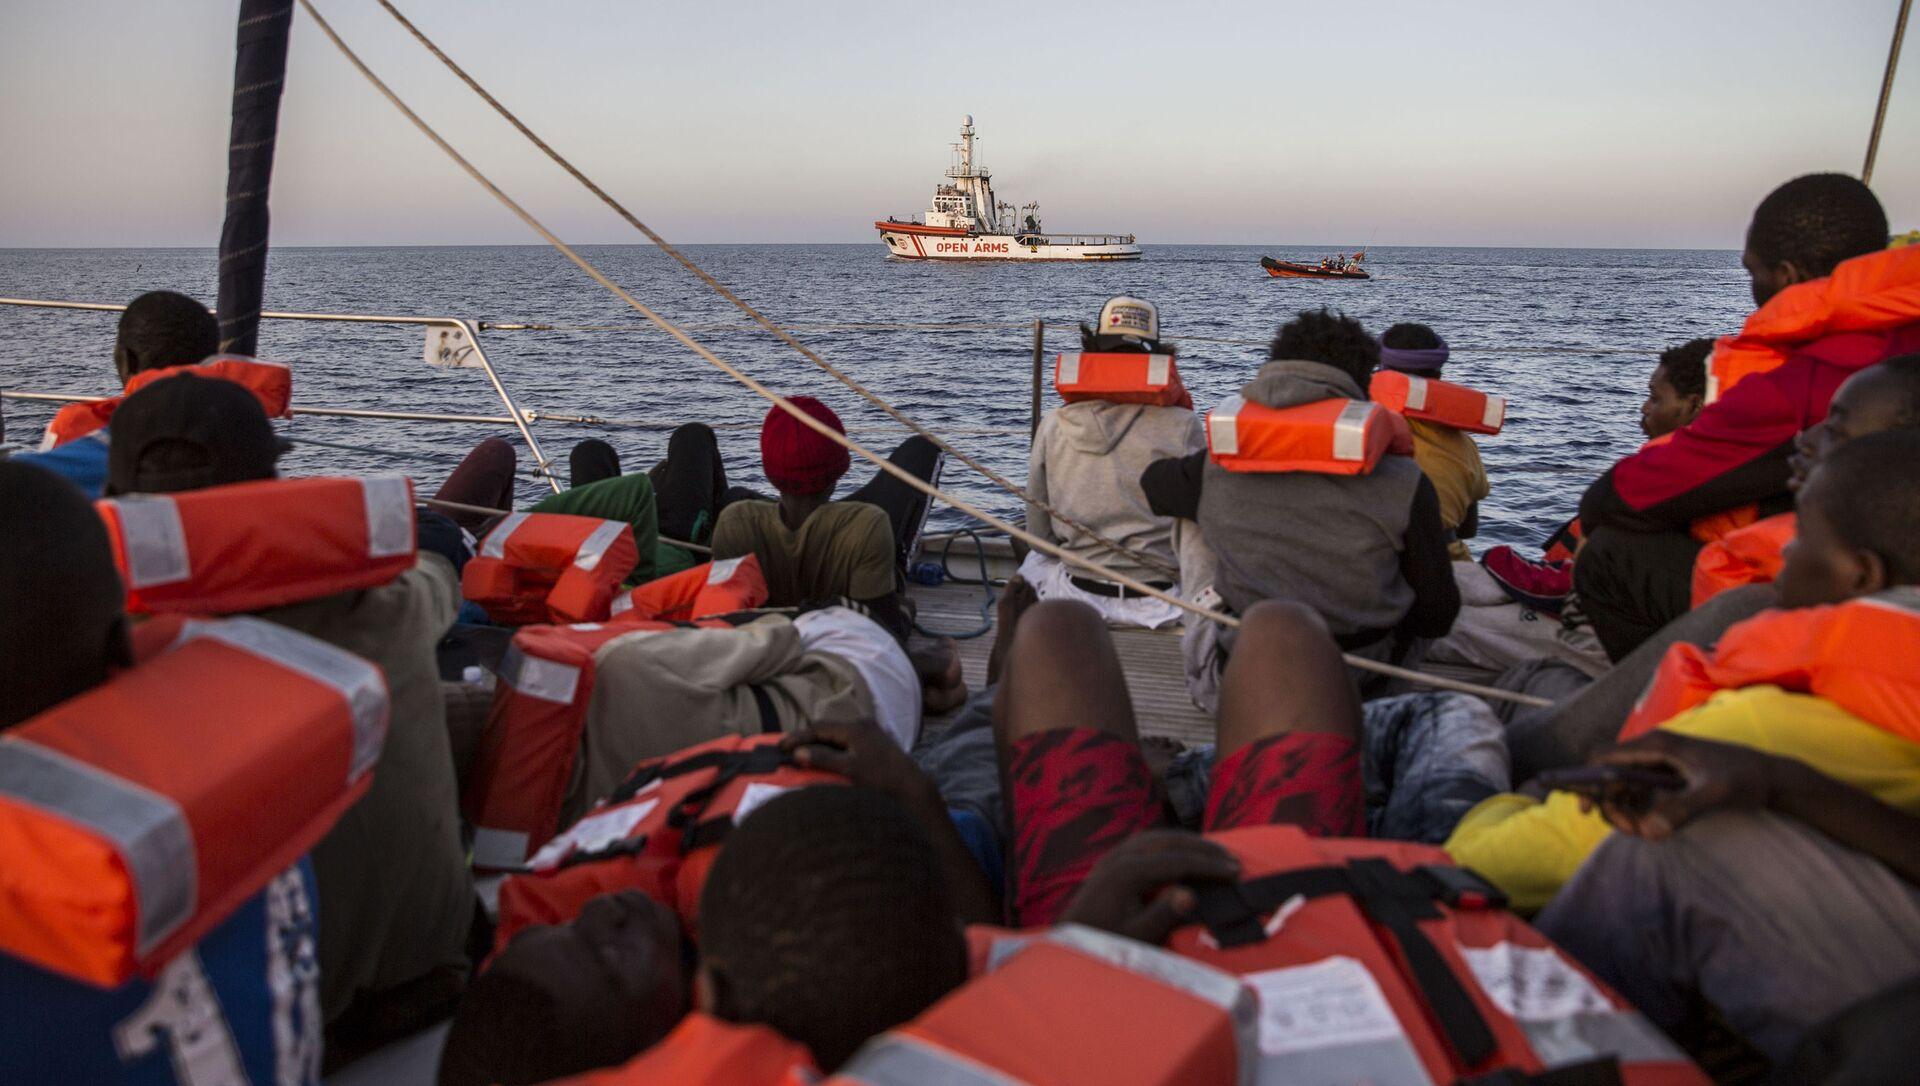 Migranti a bordo della Alex - Sputnik Italia, 1920, 30.04.2021